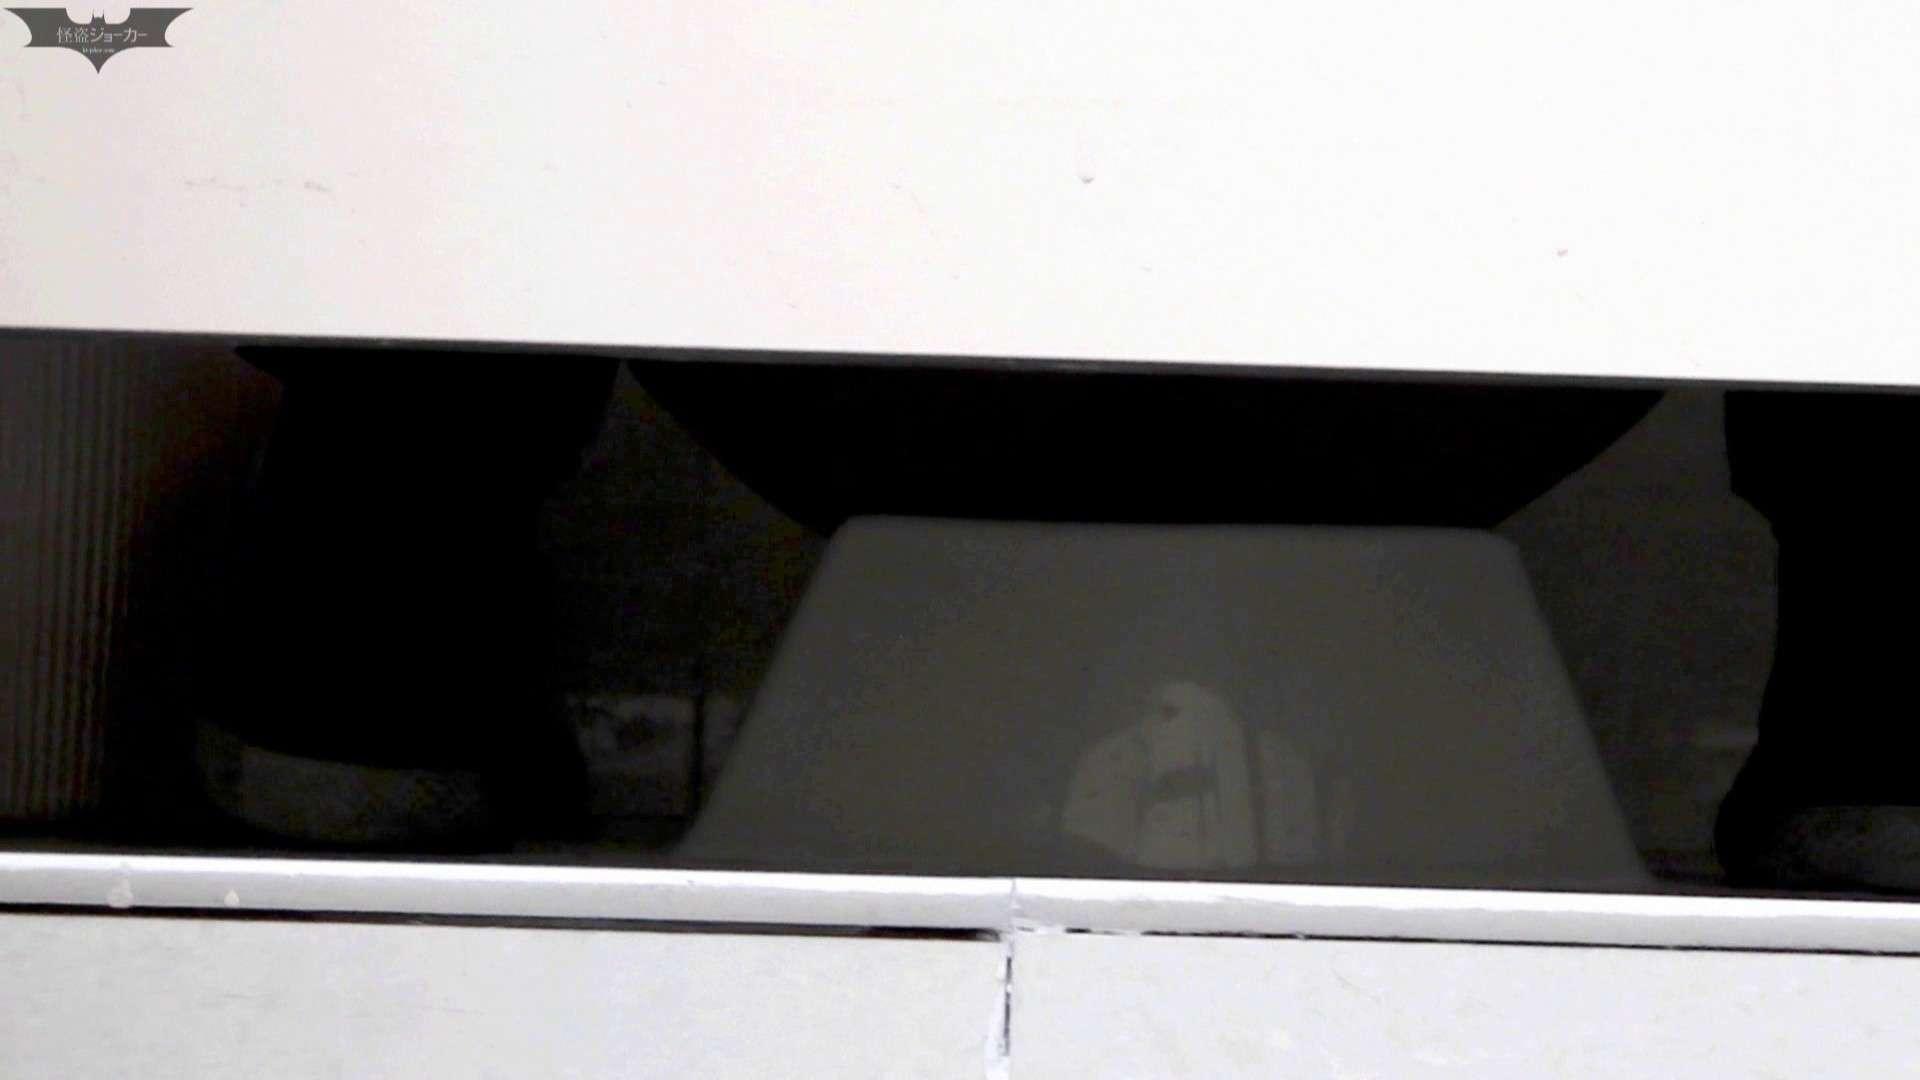 お市さんの「お尻丸出しジャンボリー」 11本格的に美女狩りに変換 洗面所のぞき SEX無修正画像 81枚 32